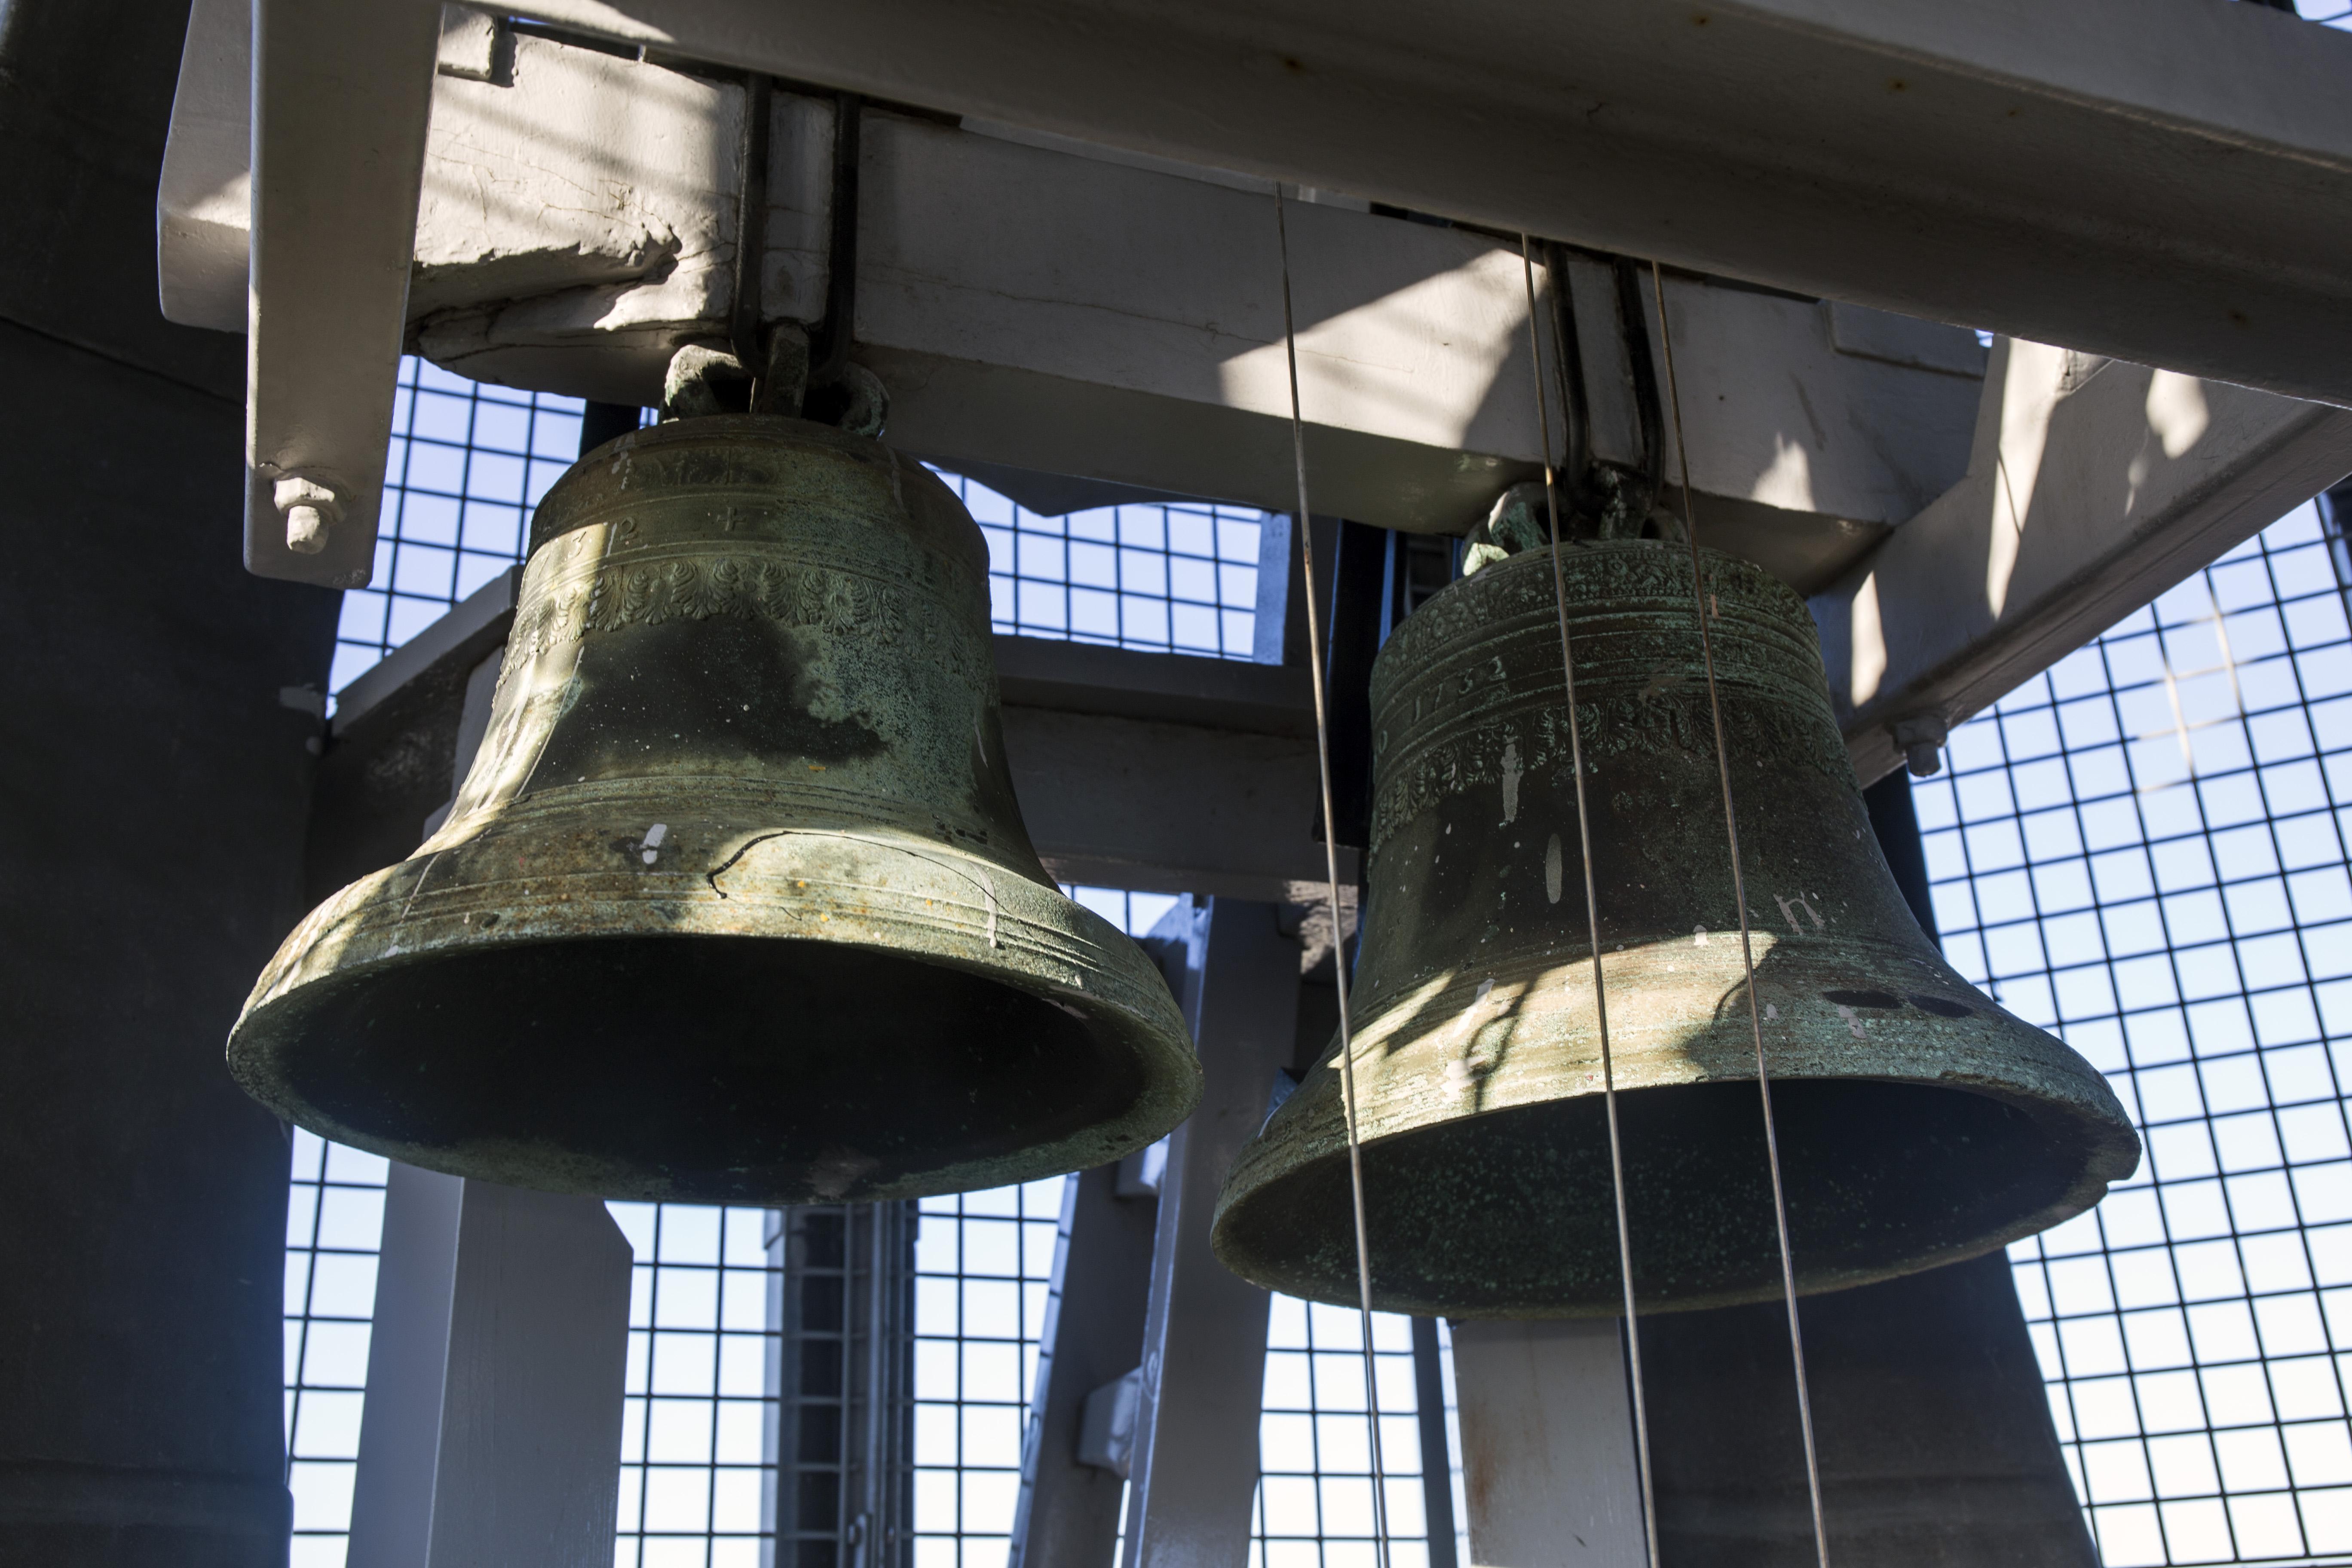 Eeuwenoude Haarlemse traditie leeft voort: Damiaatjes luiden avondklok in